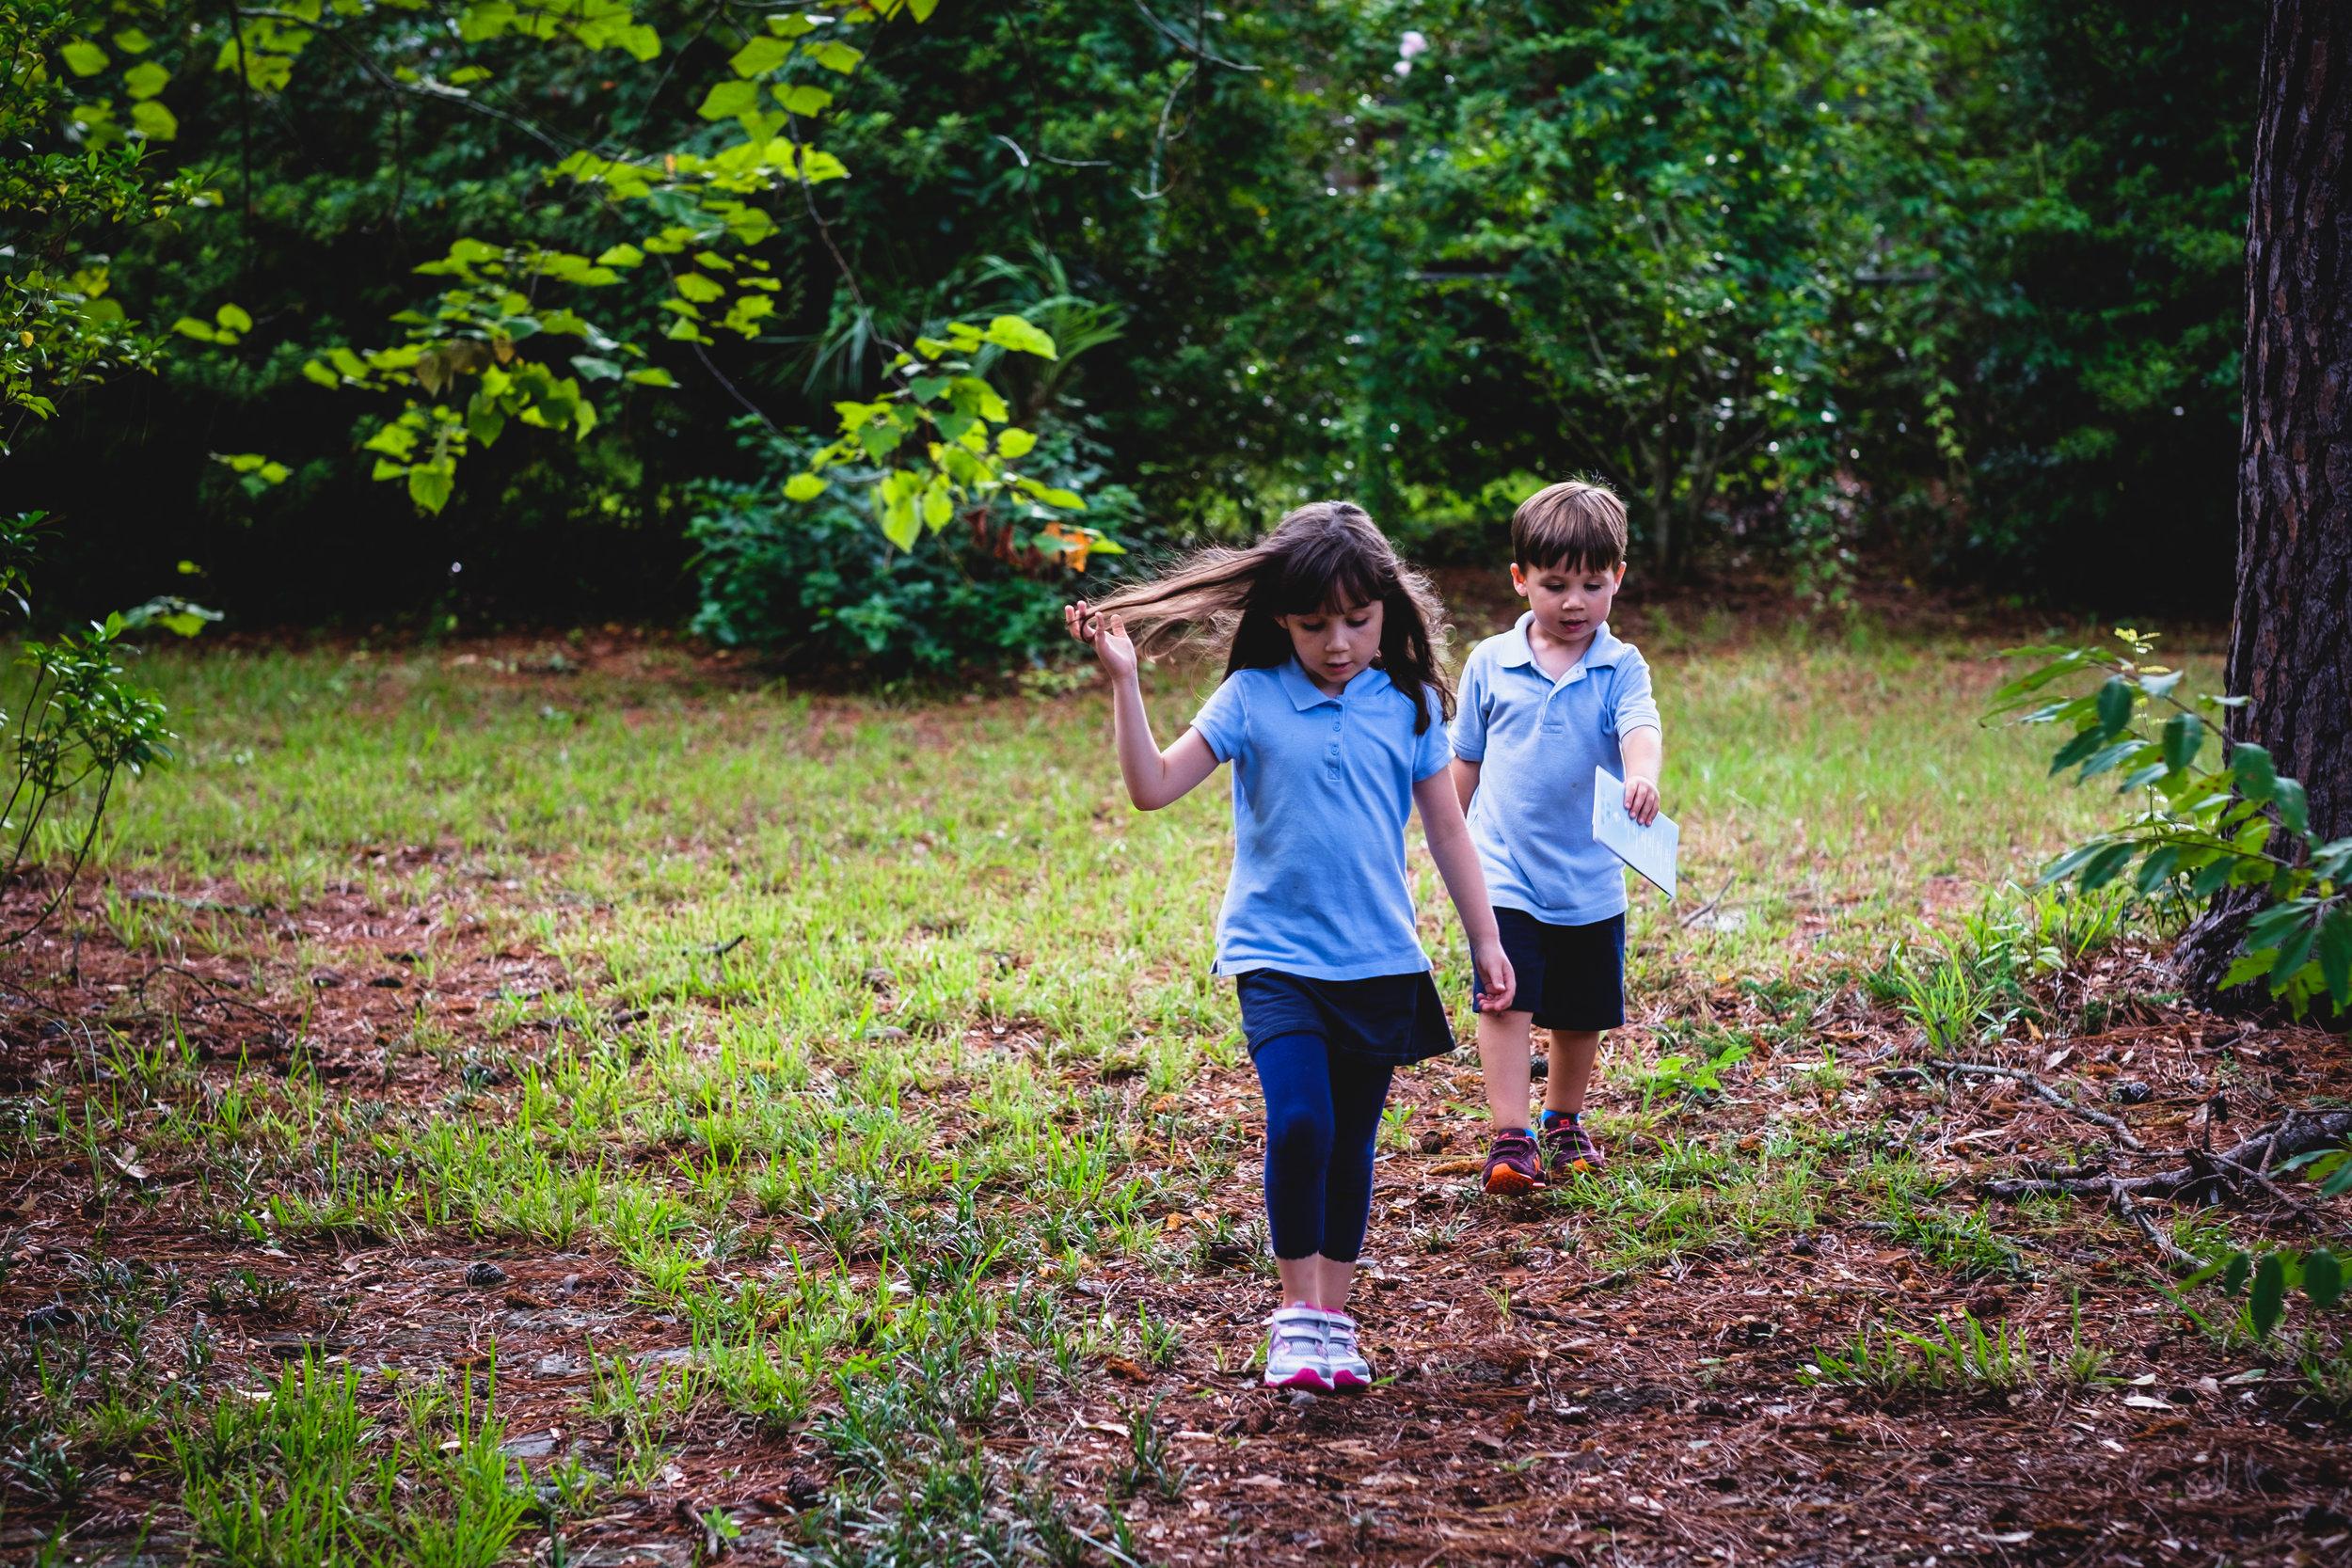 Siblings hard at play.